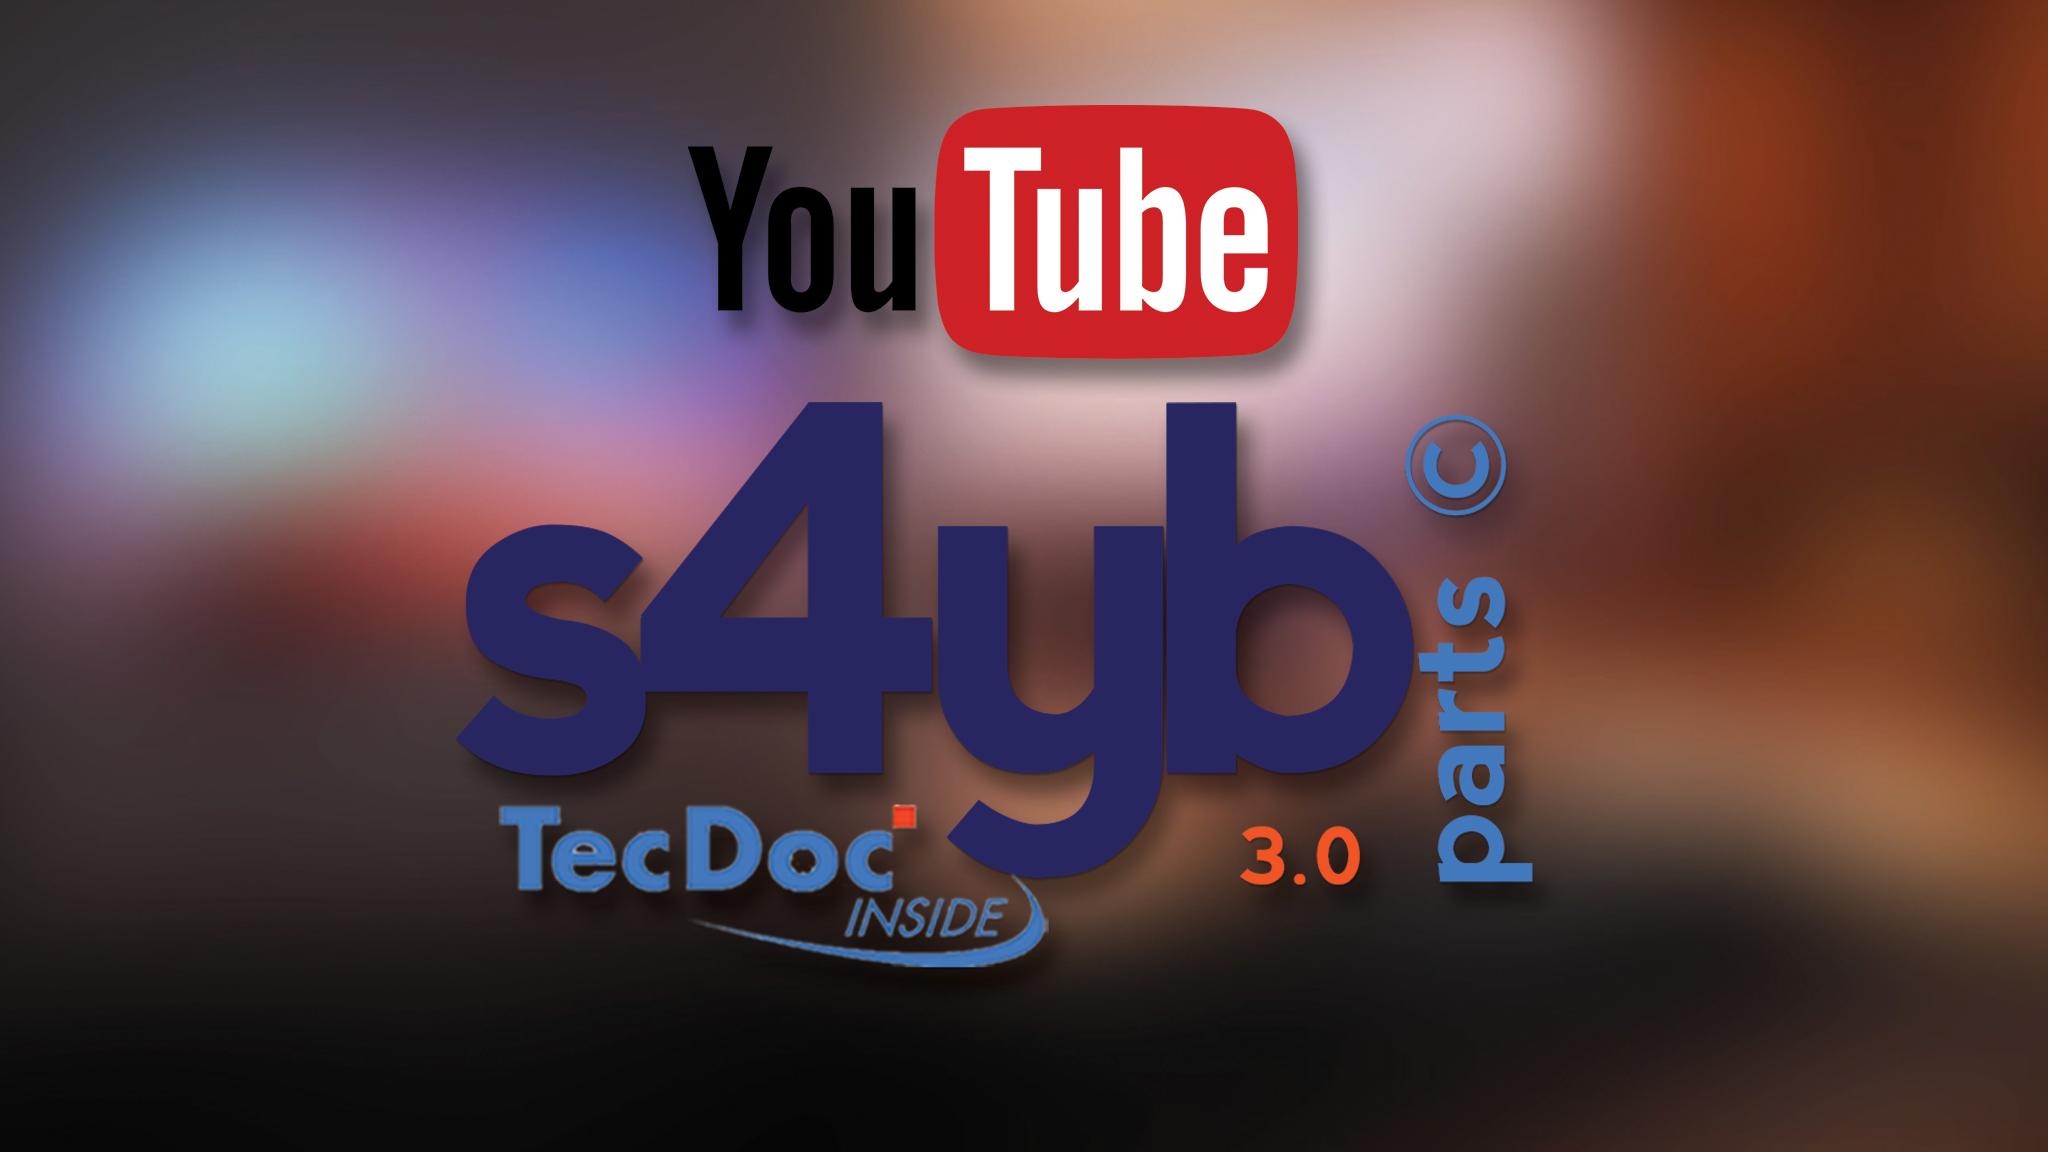 s4yb parts TecDoc Youtube